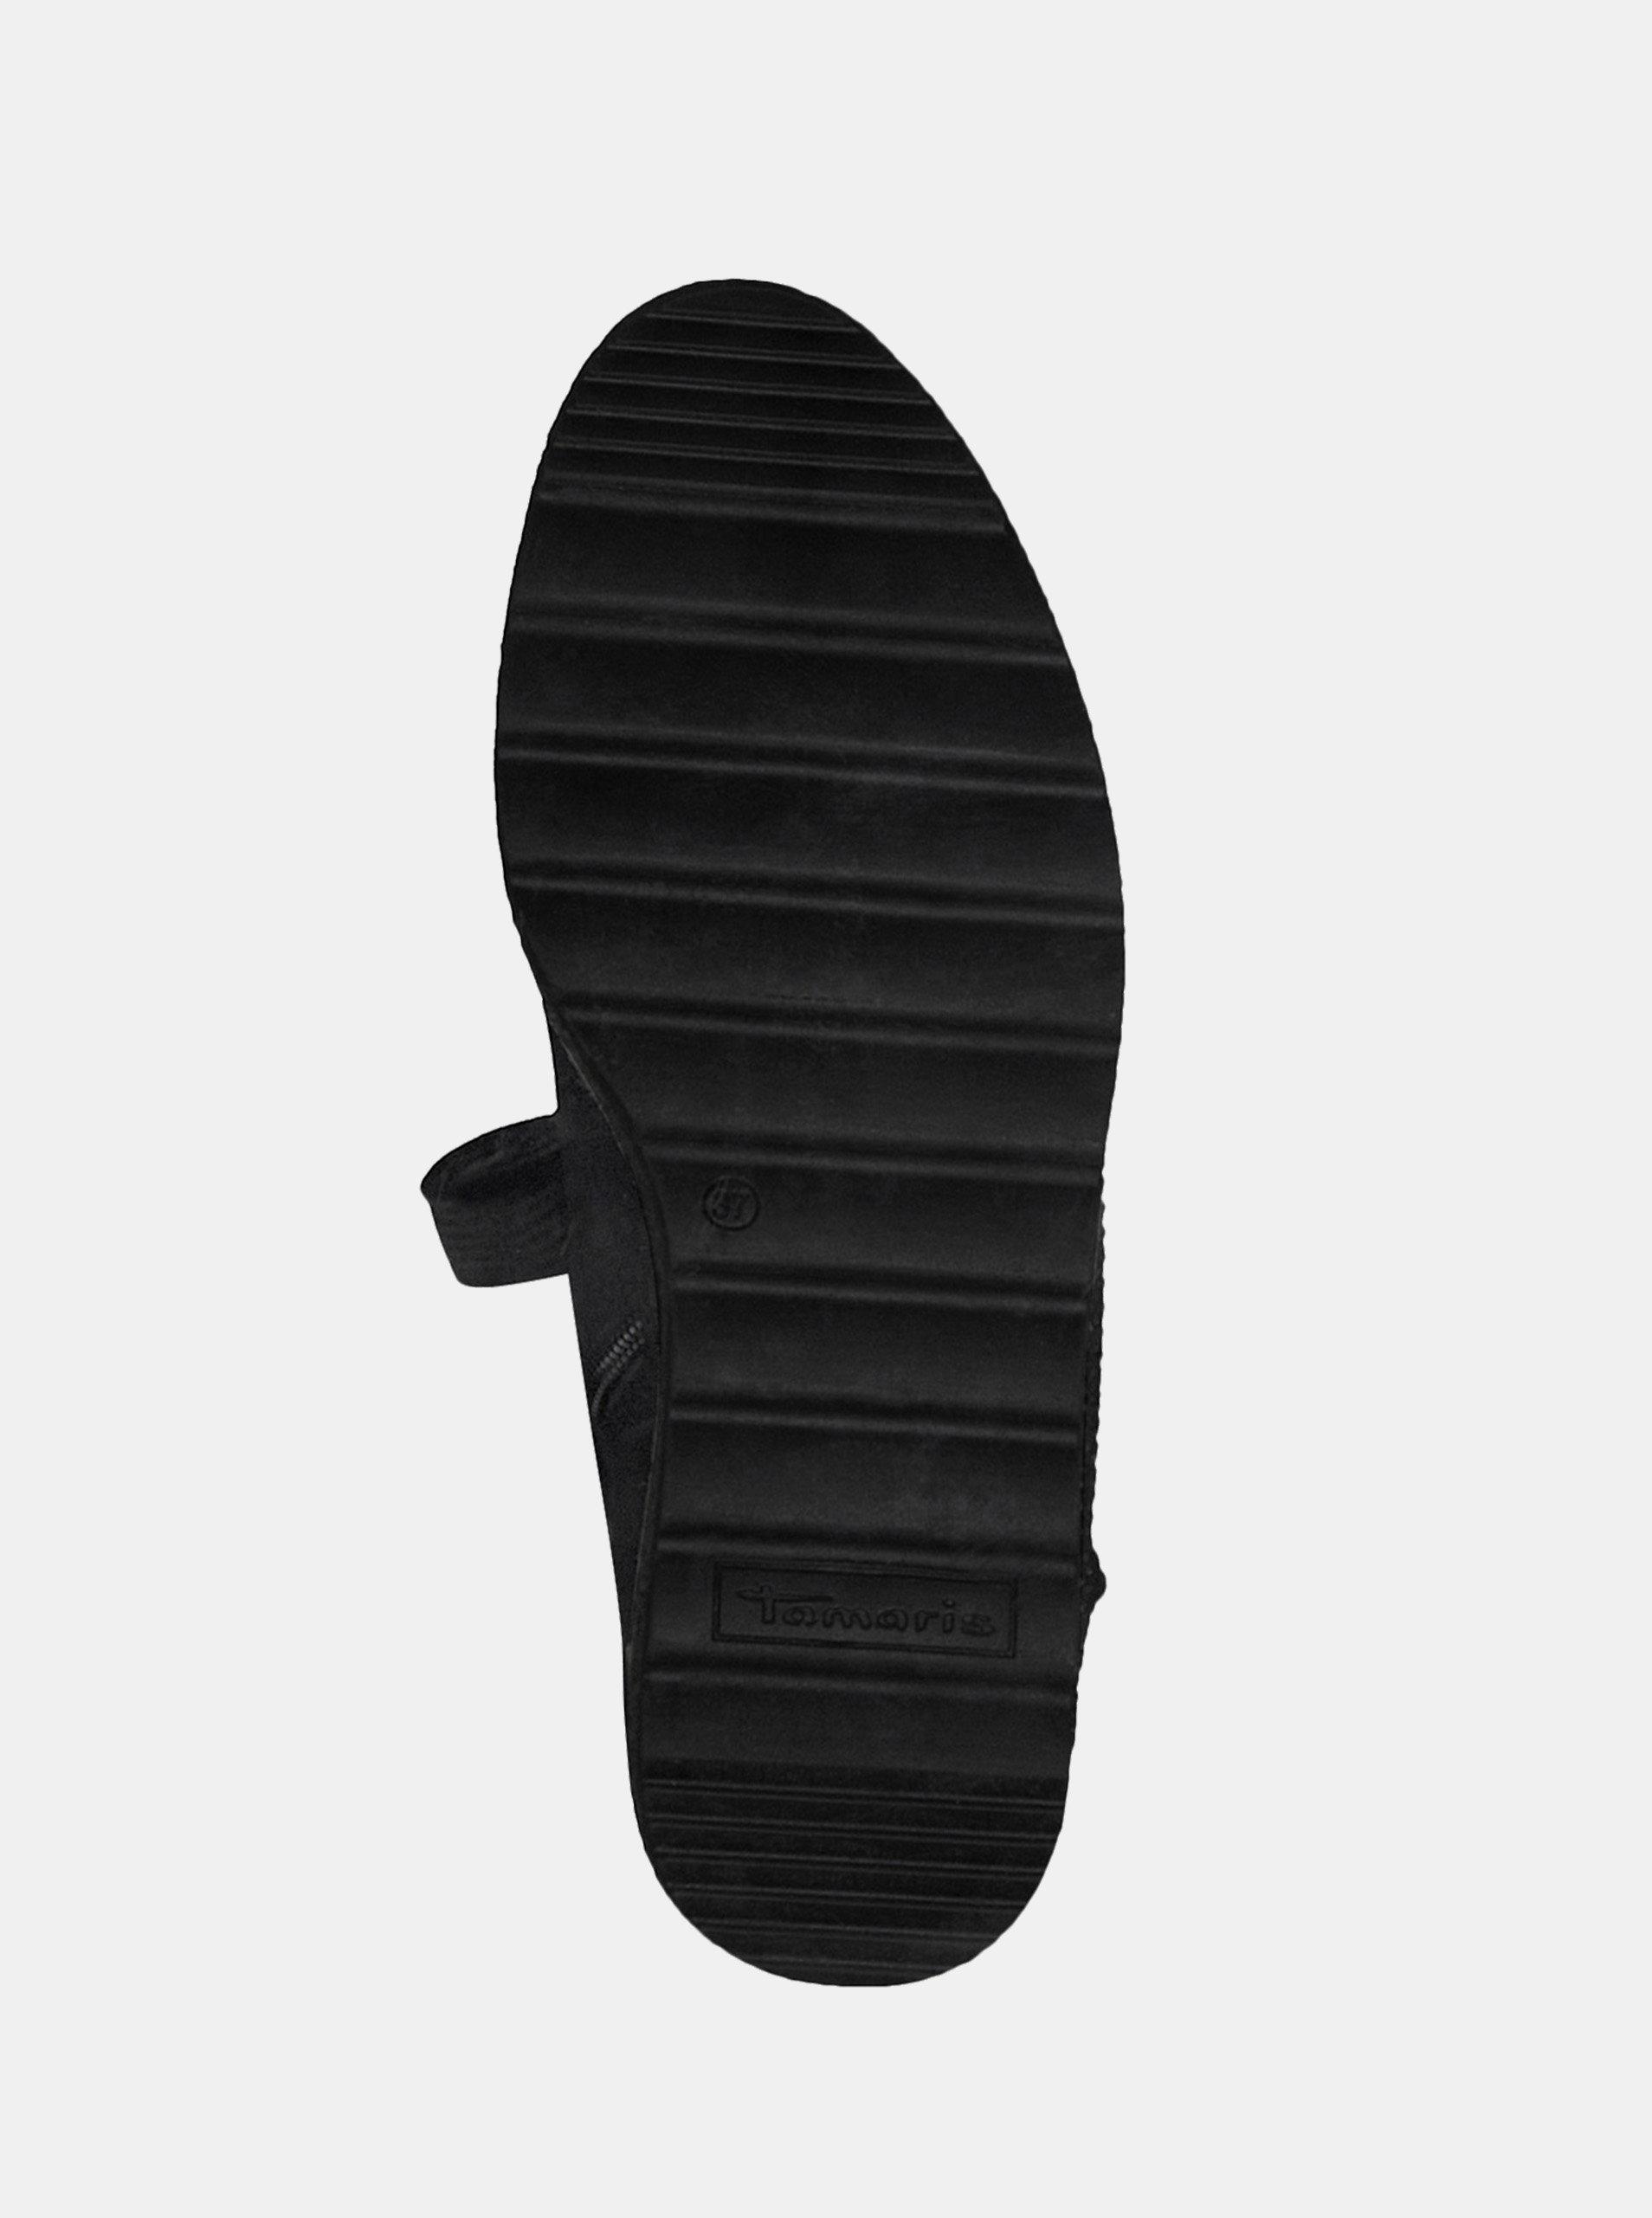 Čierne zimné topánky v semišovej úprave na platforme s ozdobnými kamienkami  Tamaris ... 38985c0b7dc